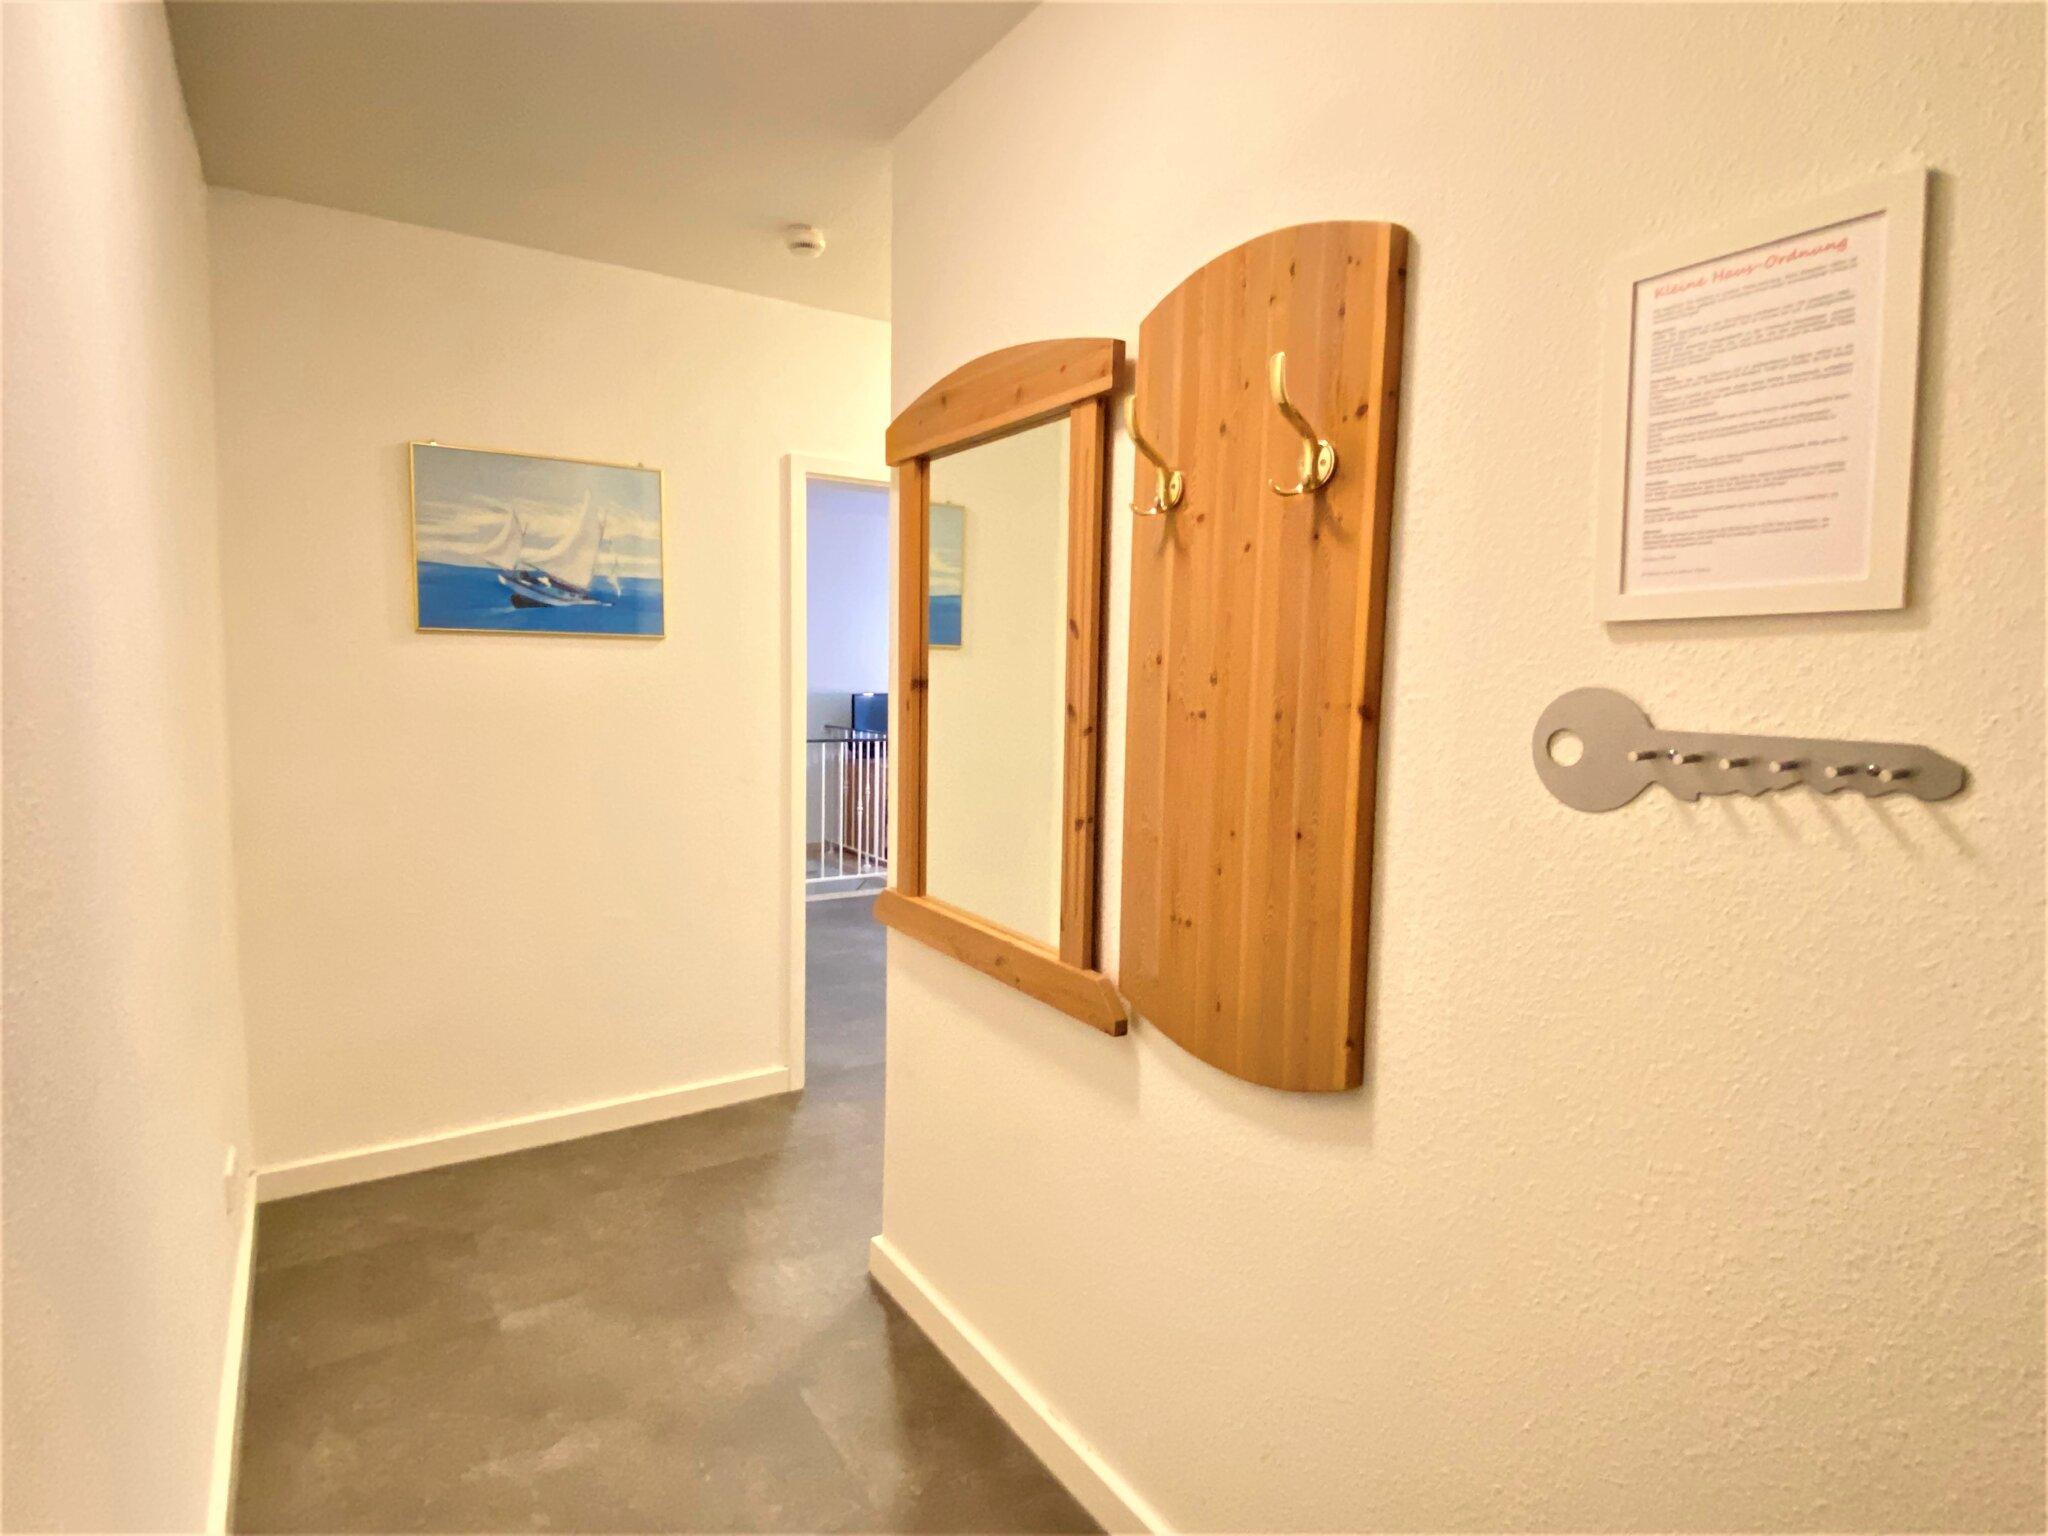 das Gäste-WC im Erdgeschoss